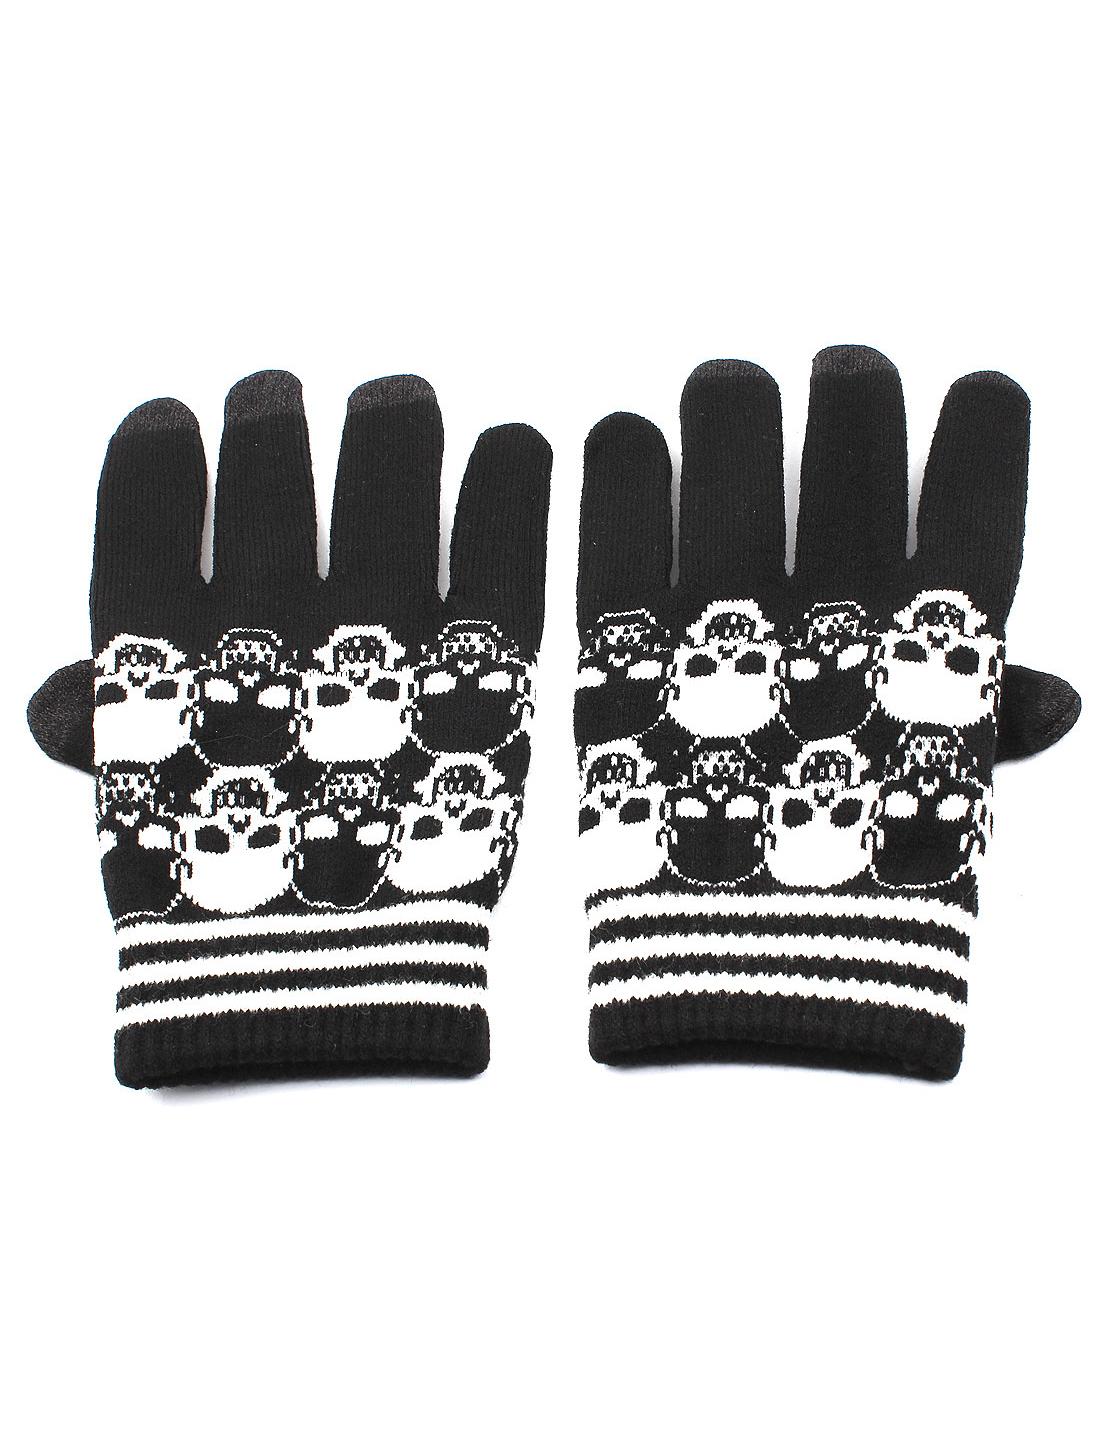 Skull Pattern Full Finger Elastic Cuff Gloves Warmer Black White Pair